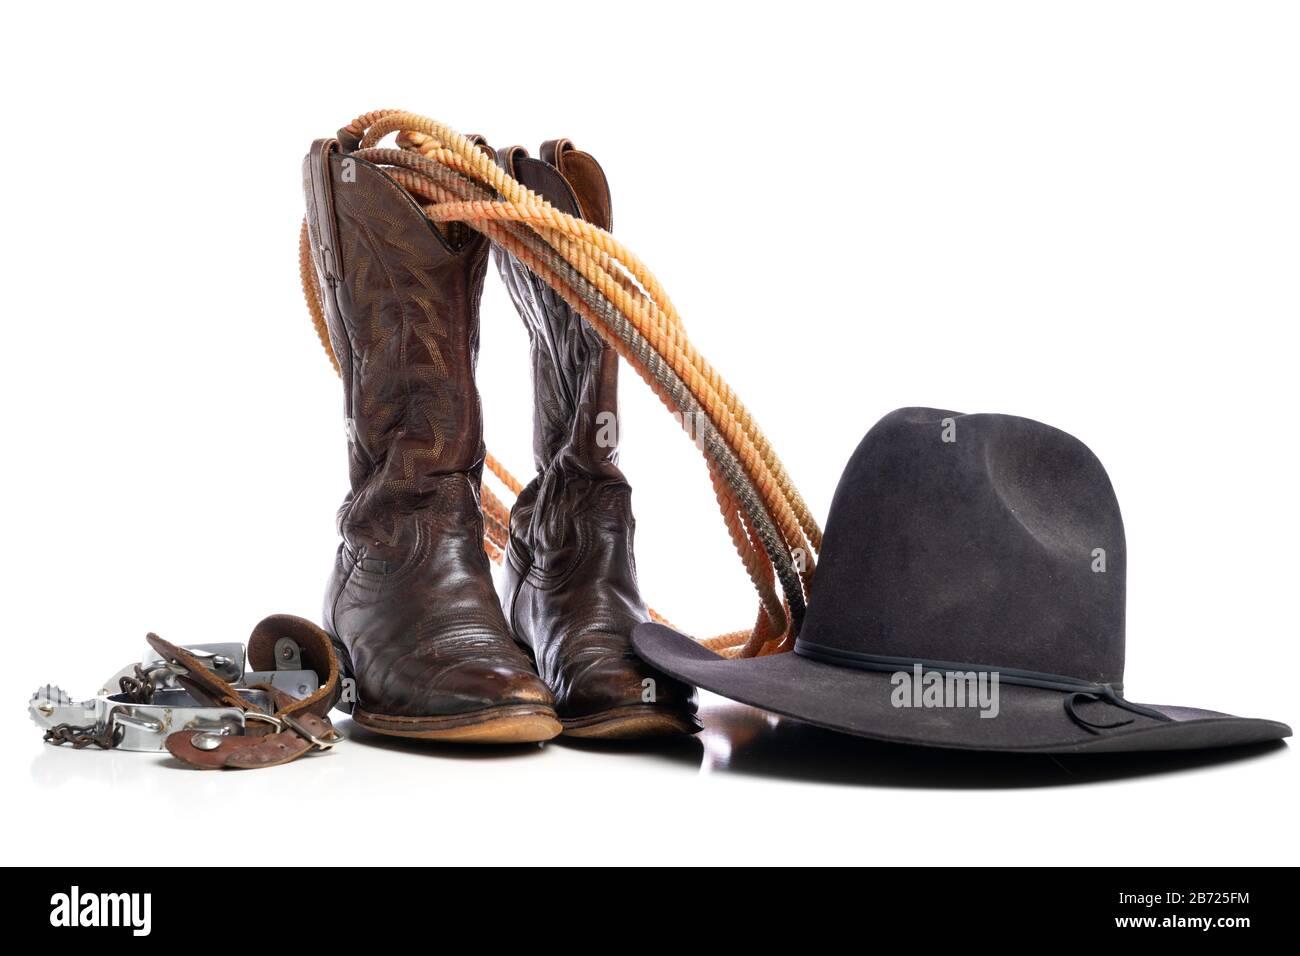 Botas occidentales y una cuerda de regazo o lila y espolones y un sombrero de vaquero sobre fondo blanco Foto de stock